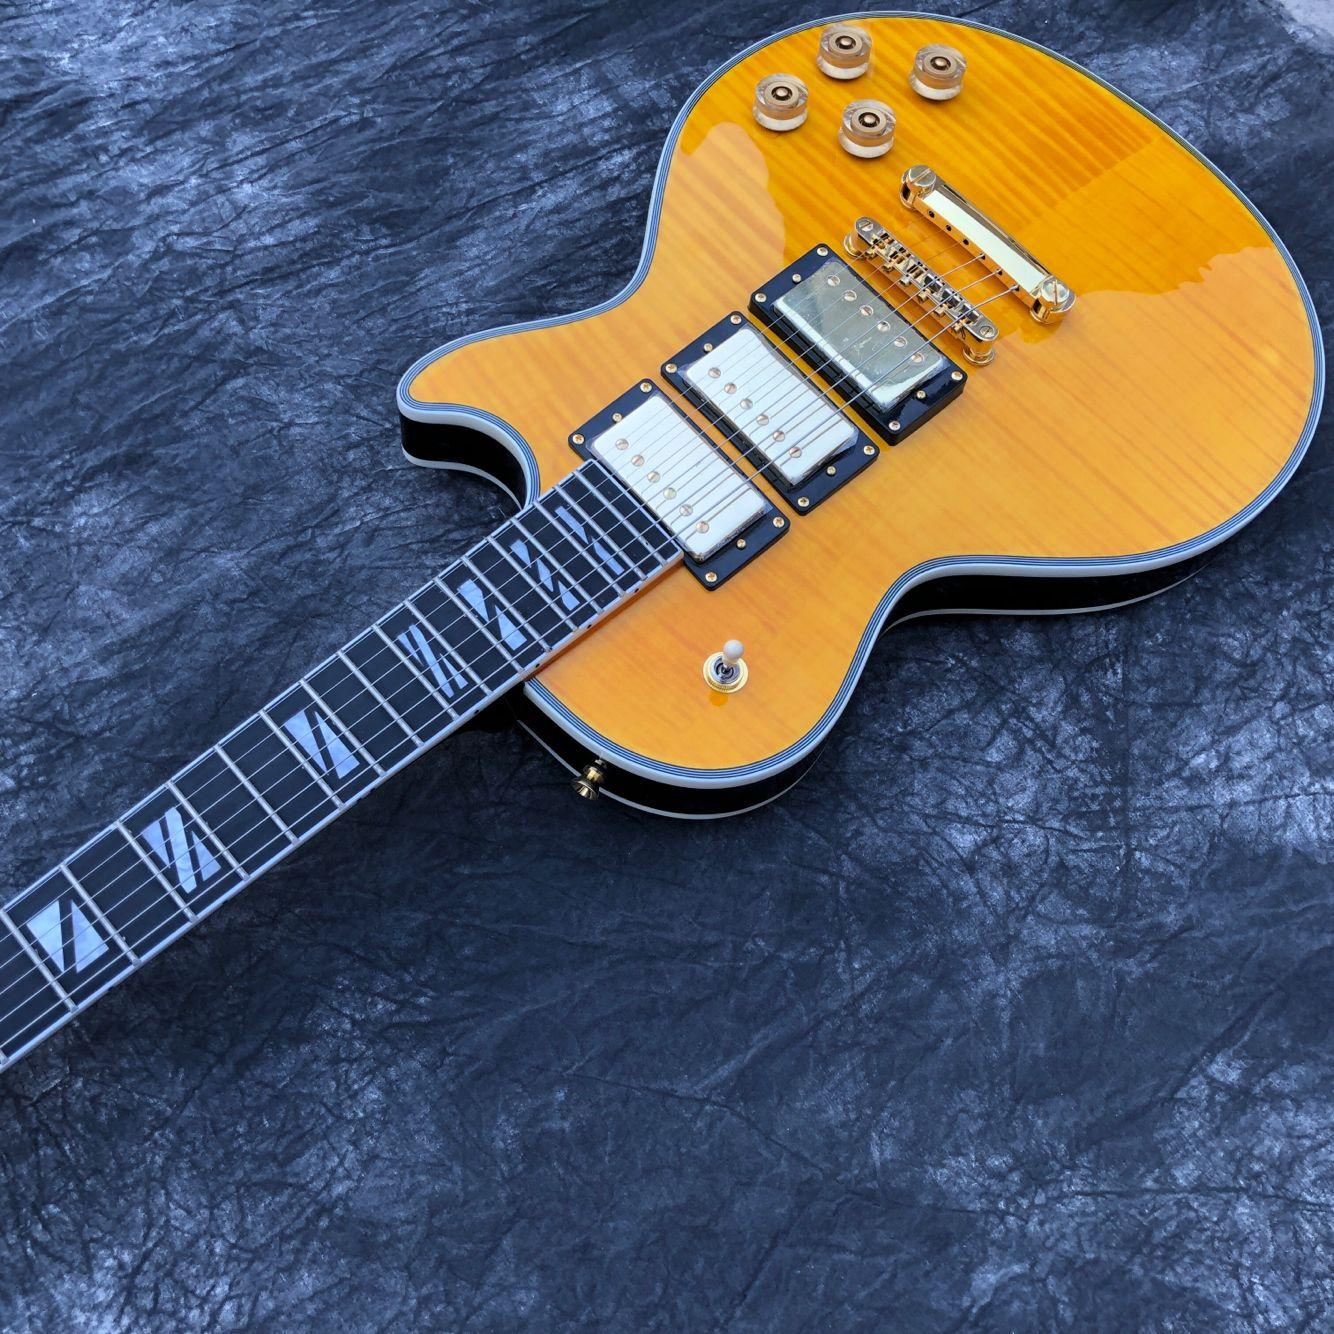 New standard Custom.Tiger Flame electric guitar.3 pickups.ebony fingerboard gitaar,handwork 6 Strings guitarra. enlarge